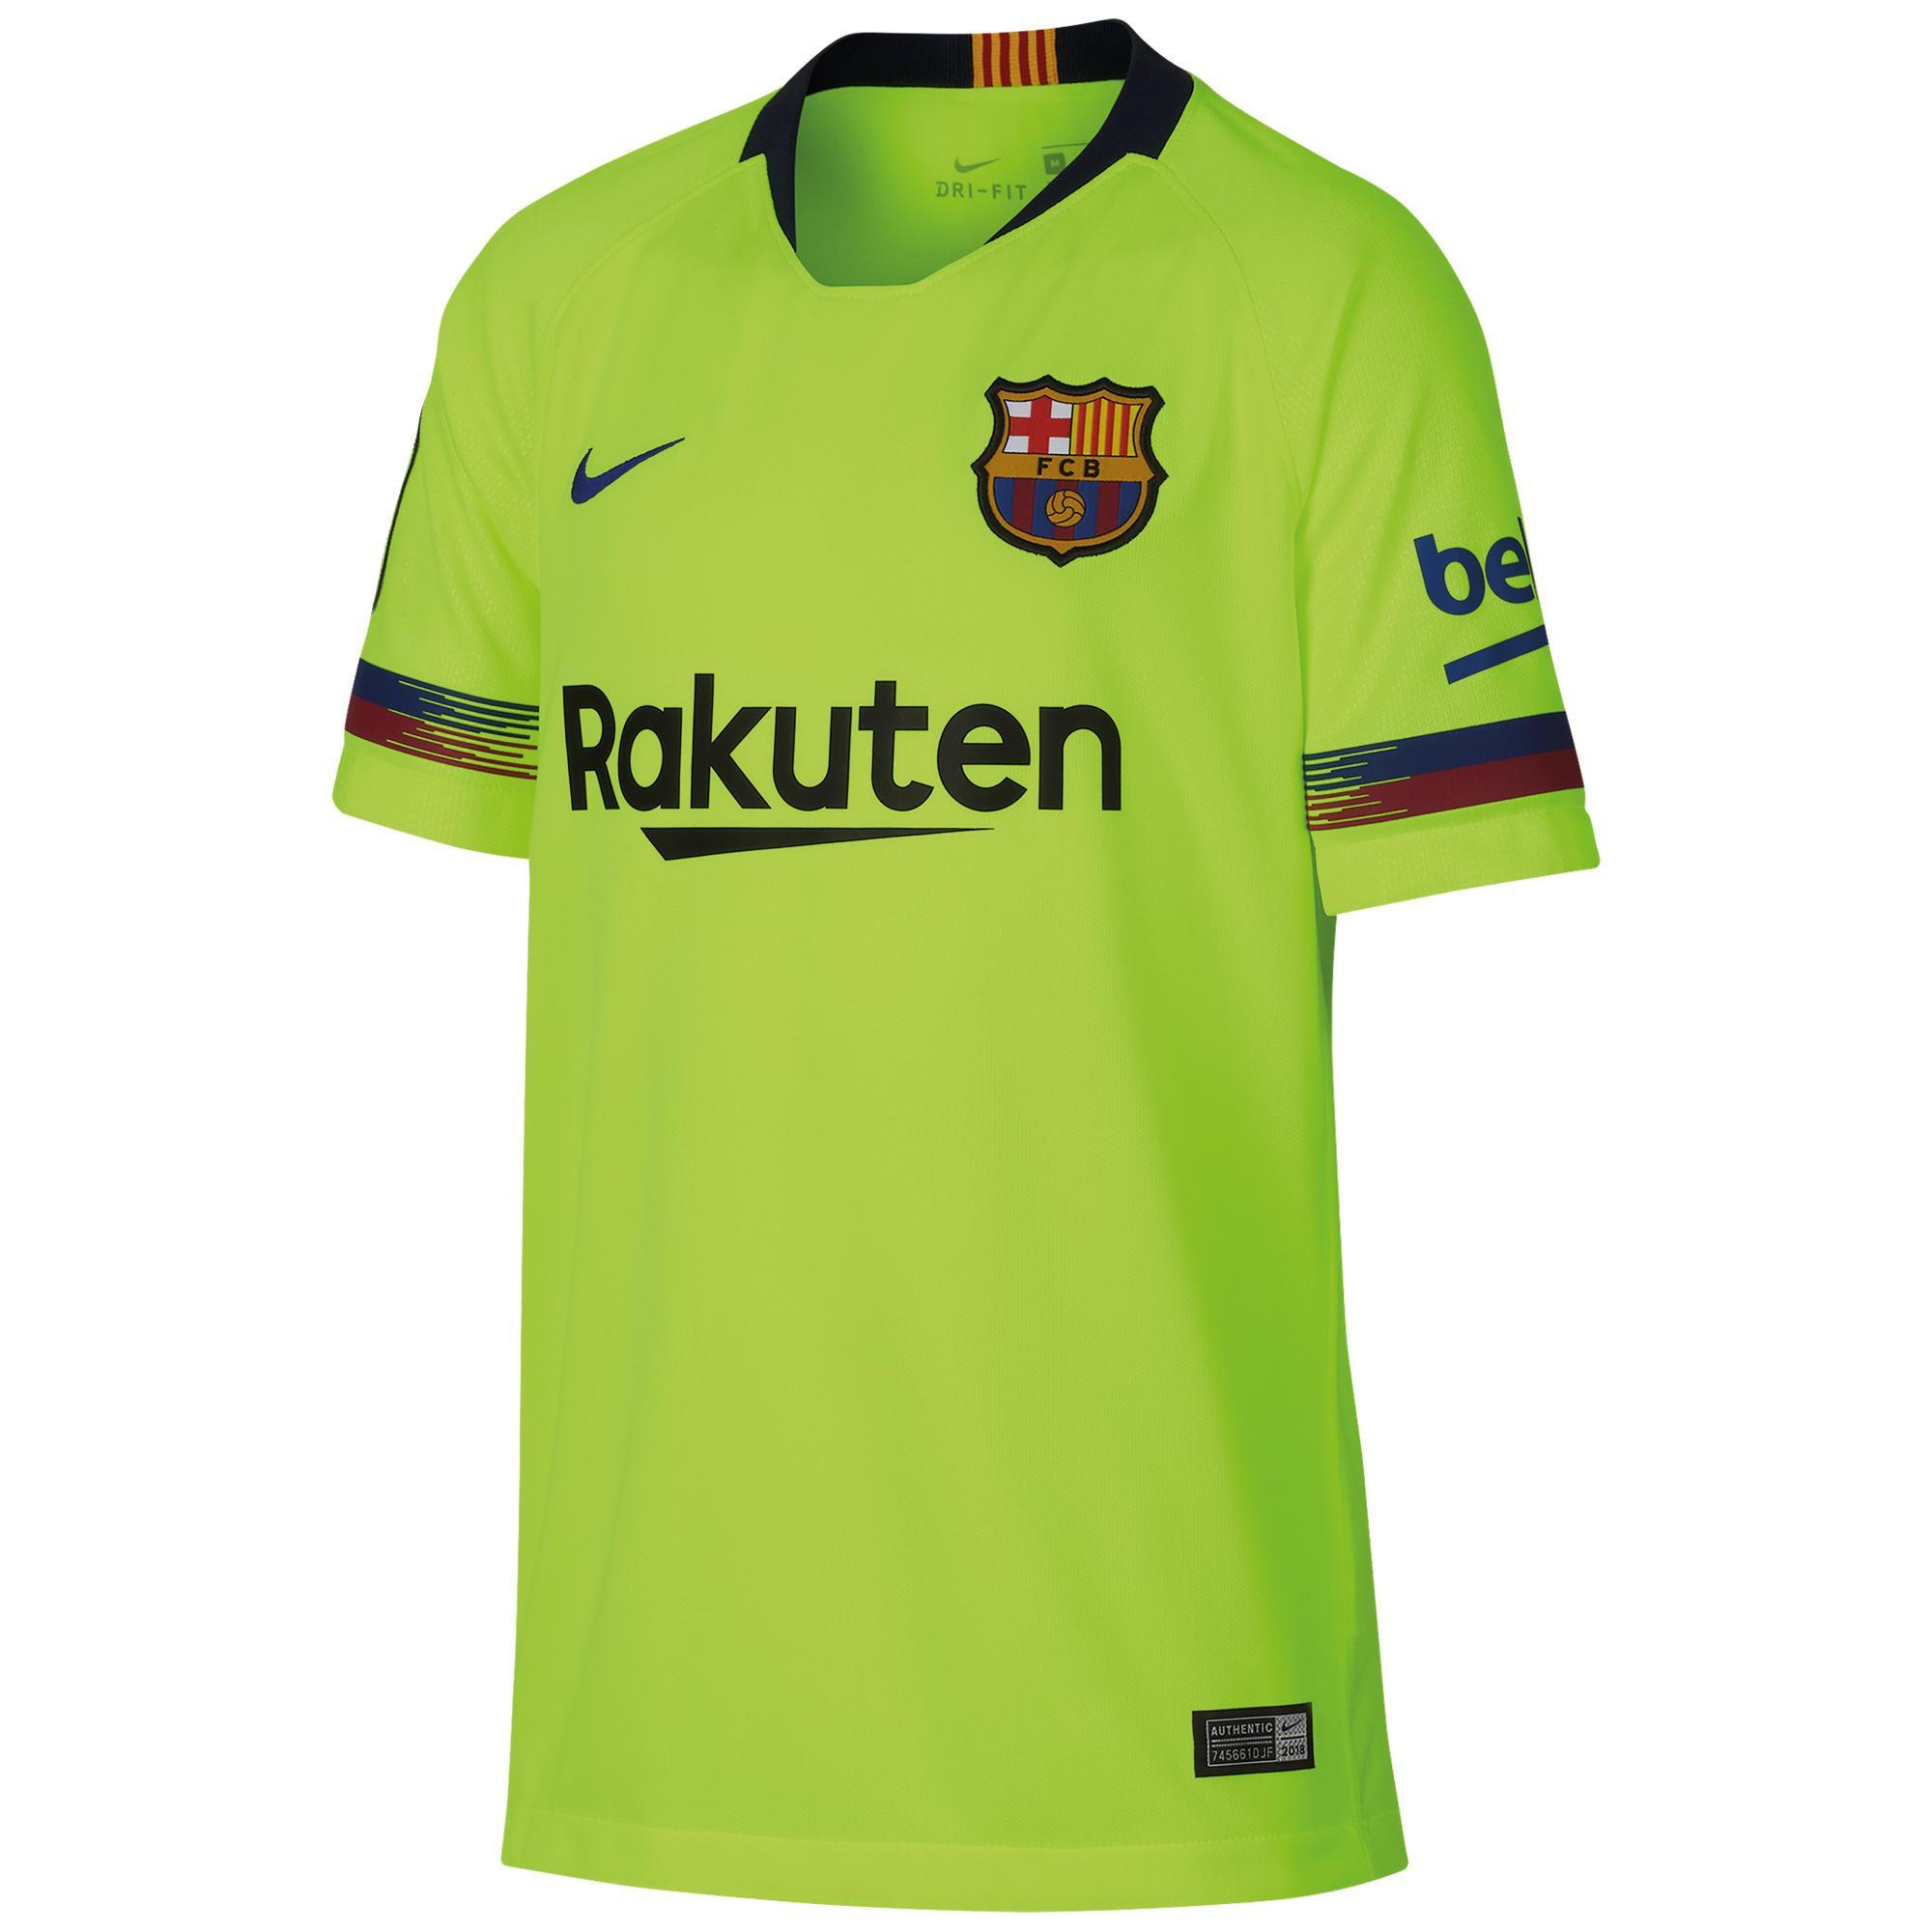 52a5cc2f15fce Camiseta de Fútbol Nike oficial F.C. Barcelona 2ª equipación hombre  2018 2019